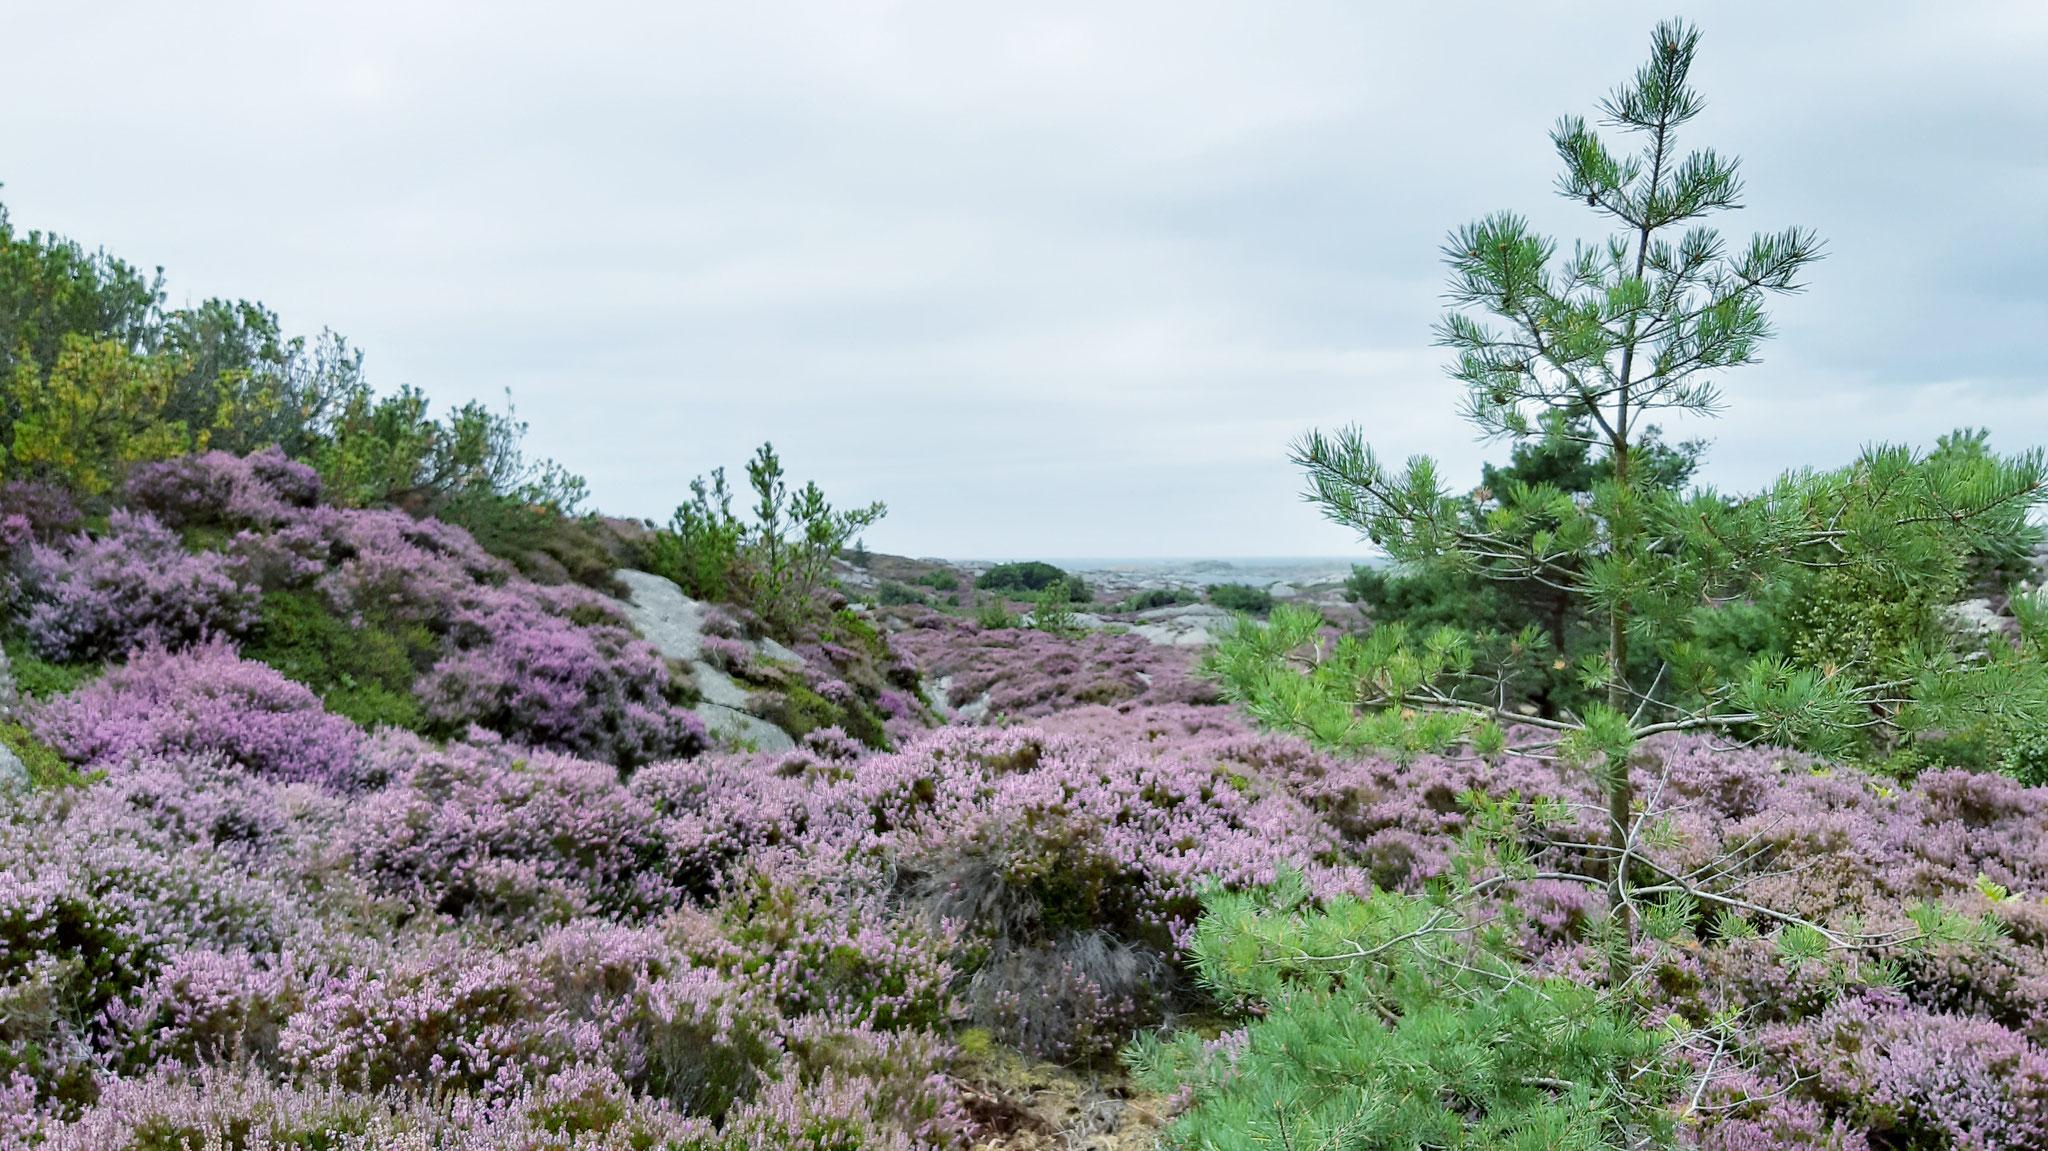 Ein landschaftliches Kleinod an der Nordseeküste